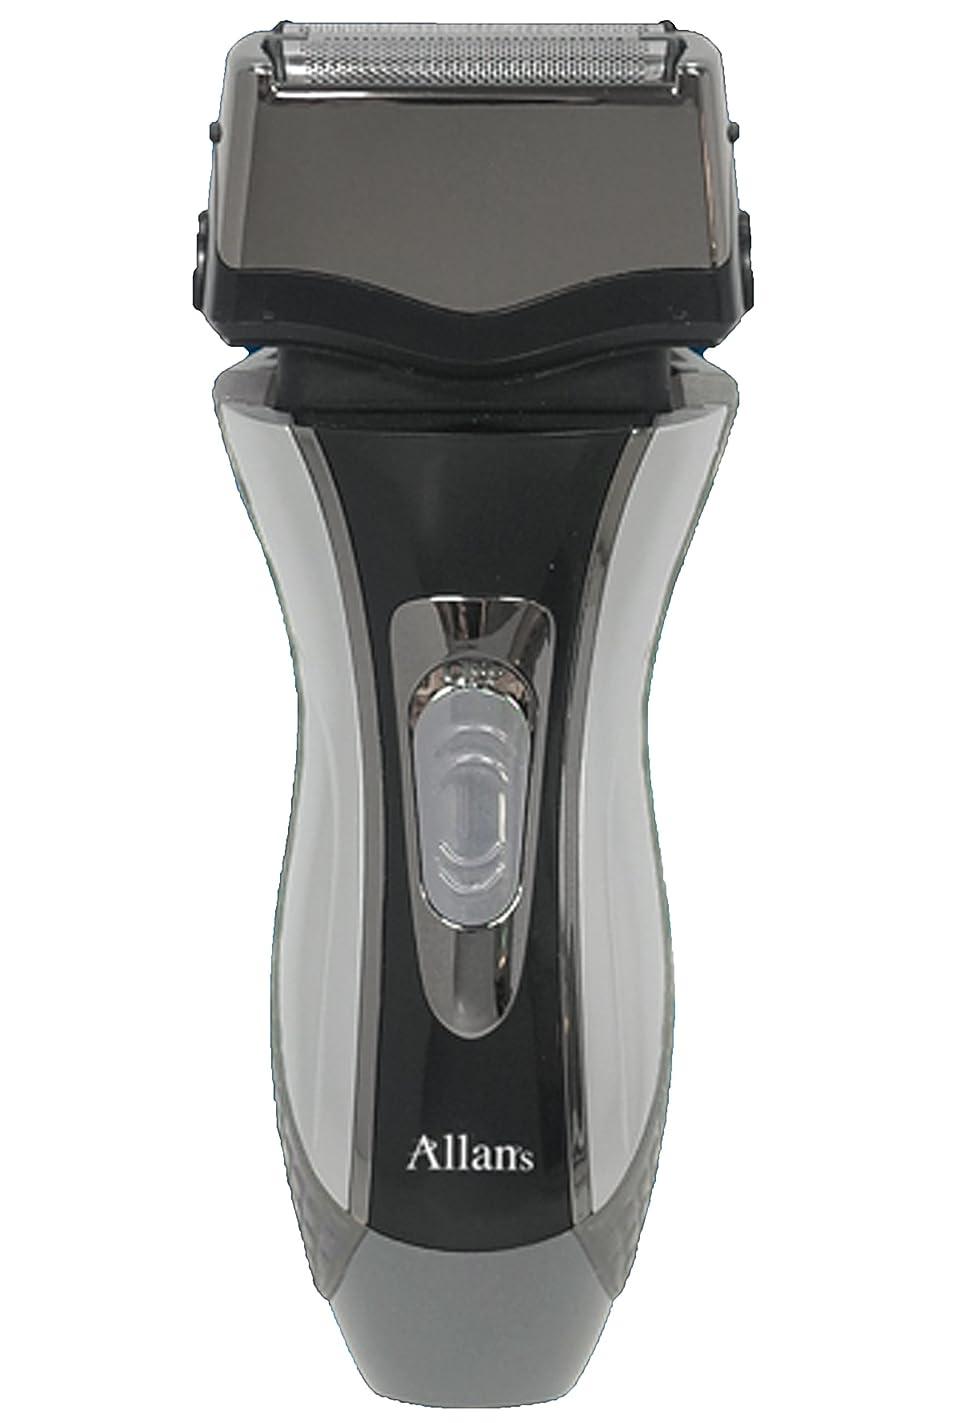 化学薬品組み合わせる小川Allans 往復式 3枚刃 洗える 充電 電動 髭剃り ウォッシャブル シェーバー トリプルブレード MEBM-7